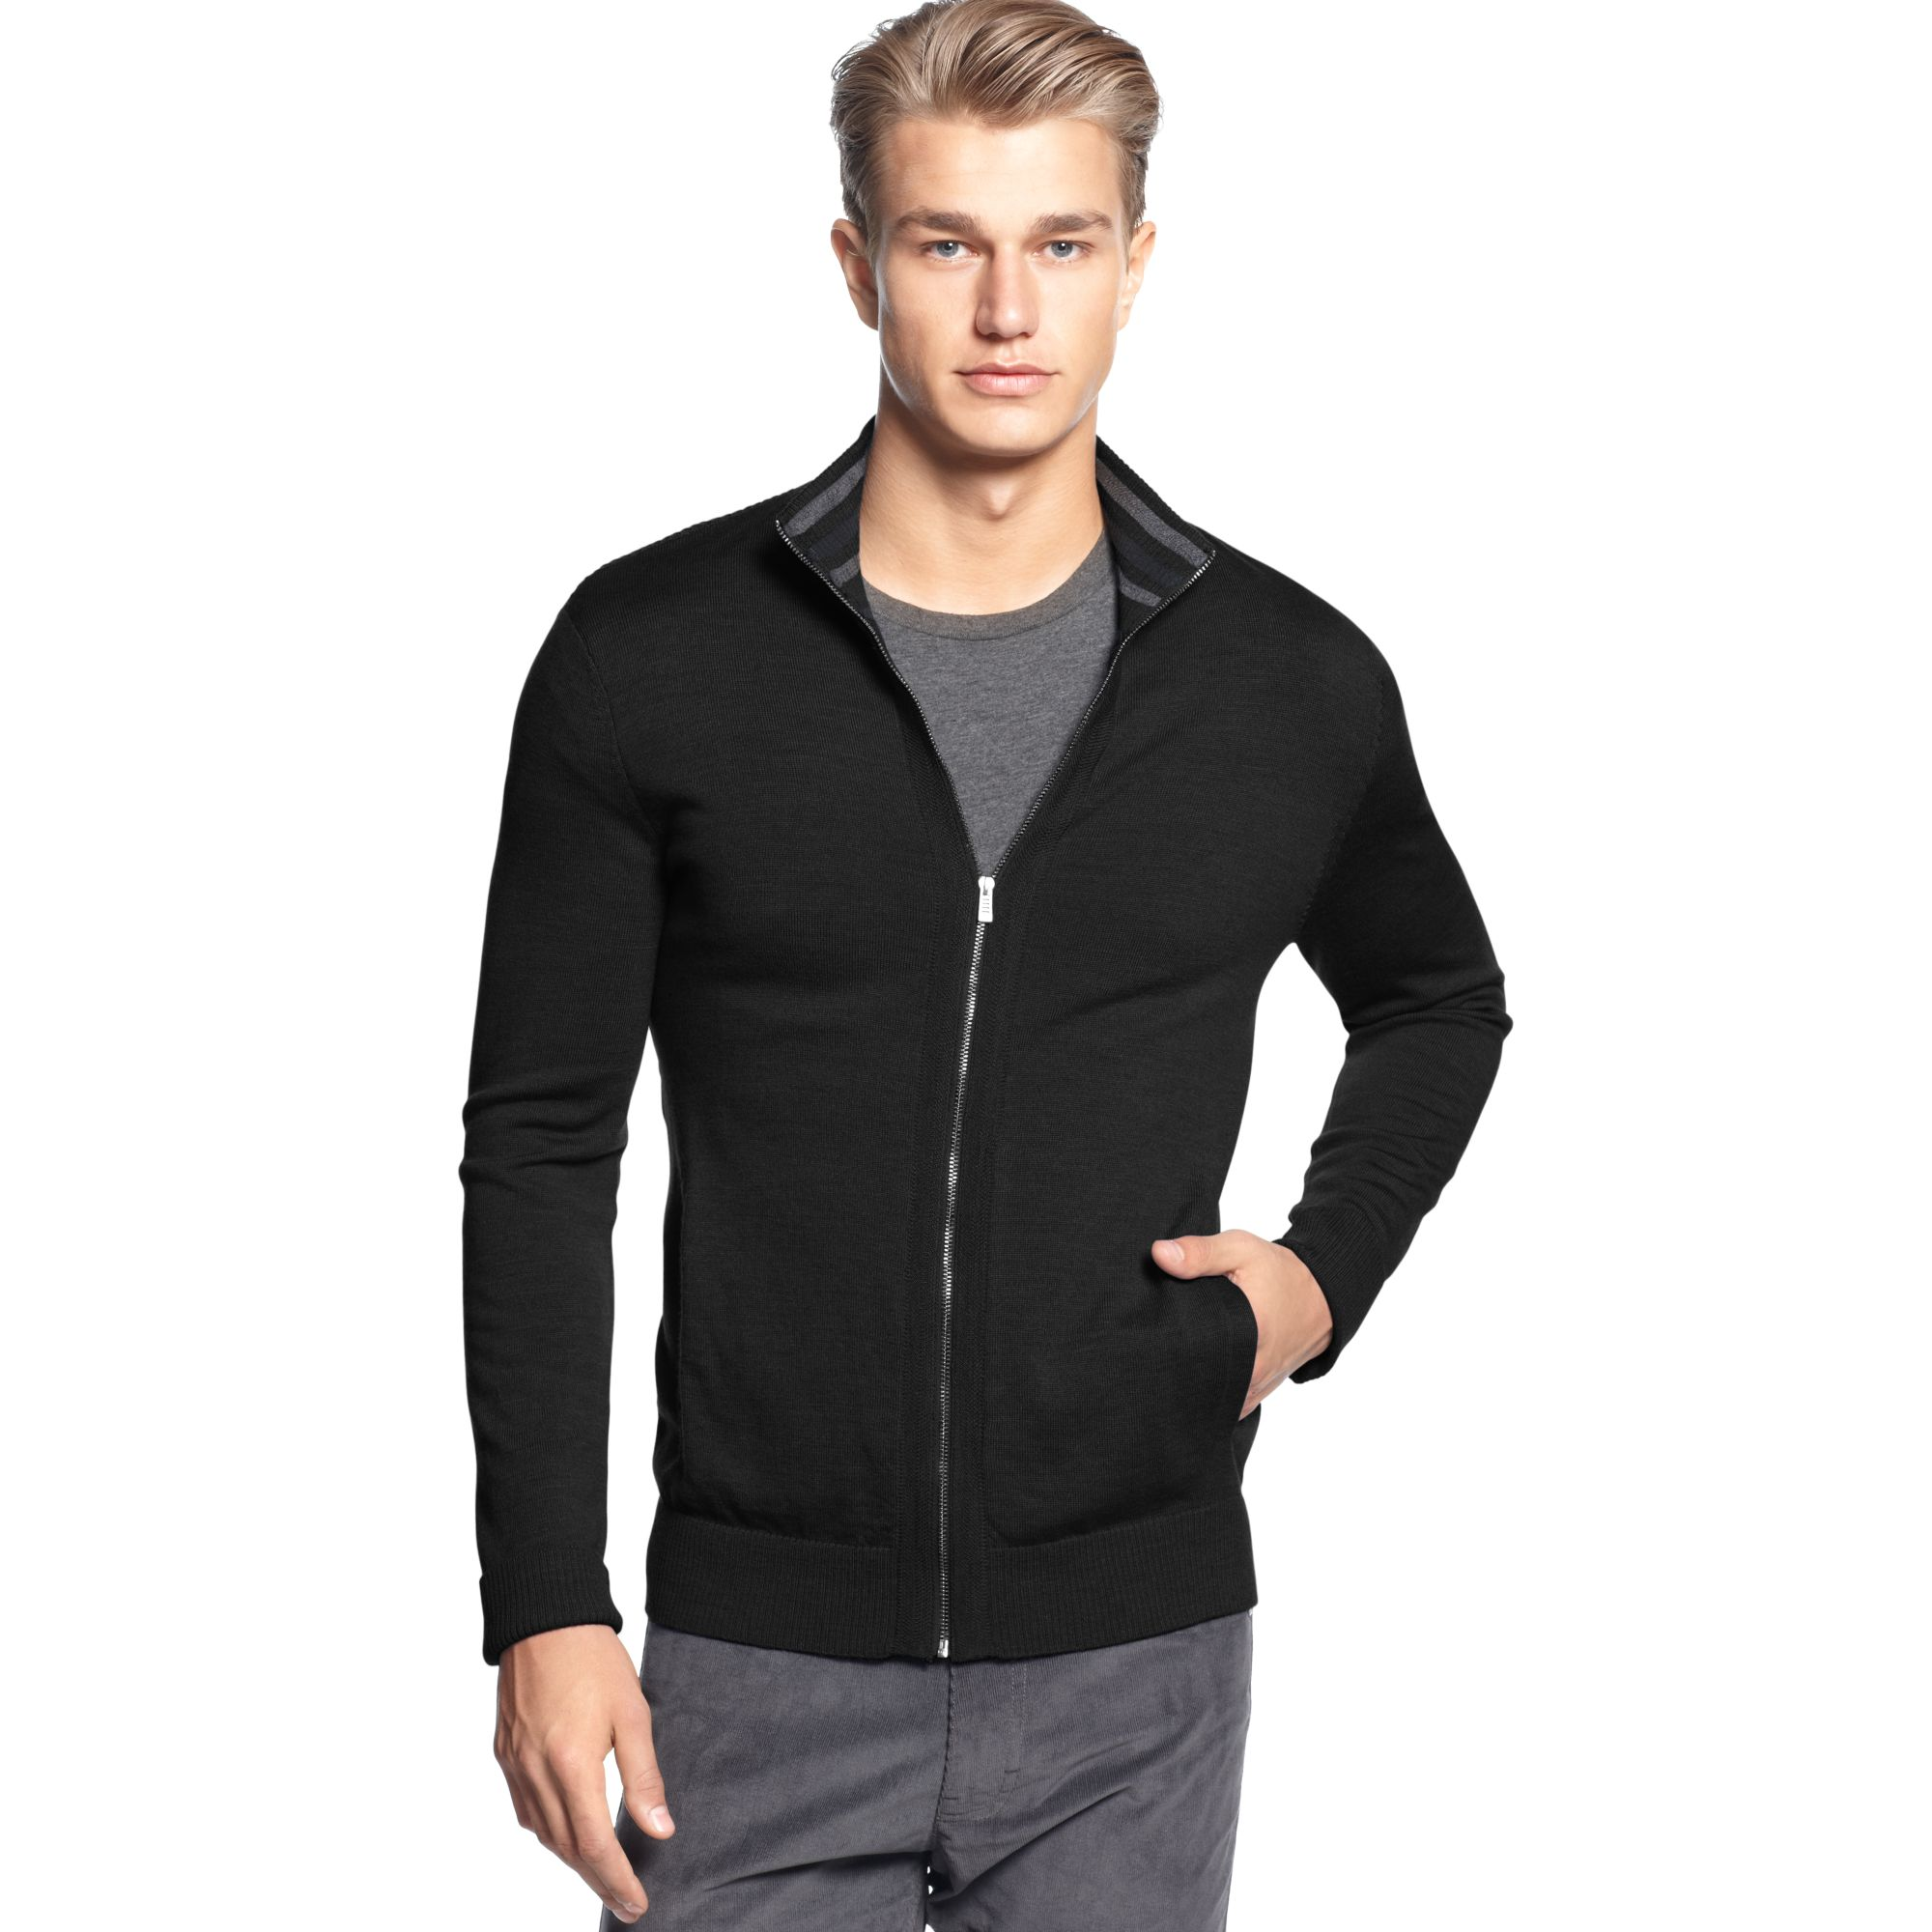 calvin klein full zipper merino sweater in black for men. Black Bedroom Furniture Sets. Home Design Ideas